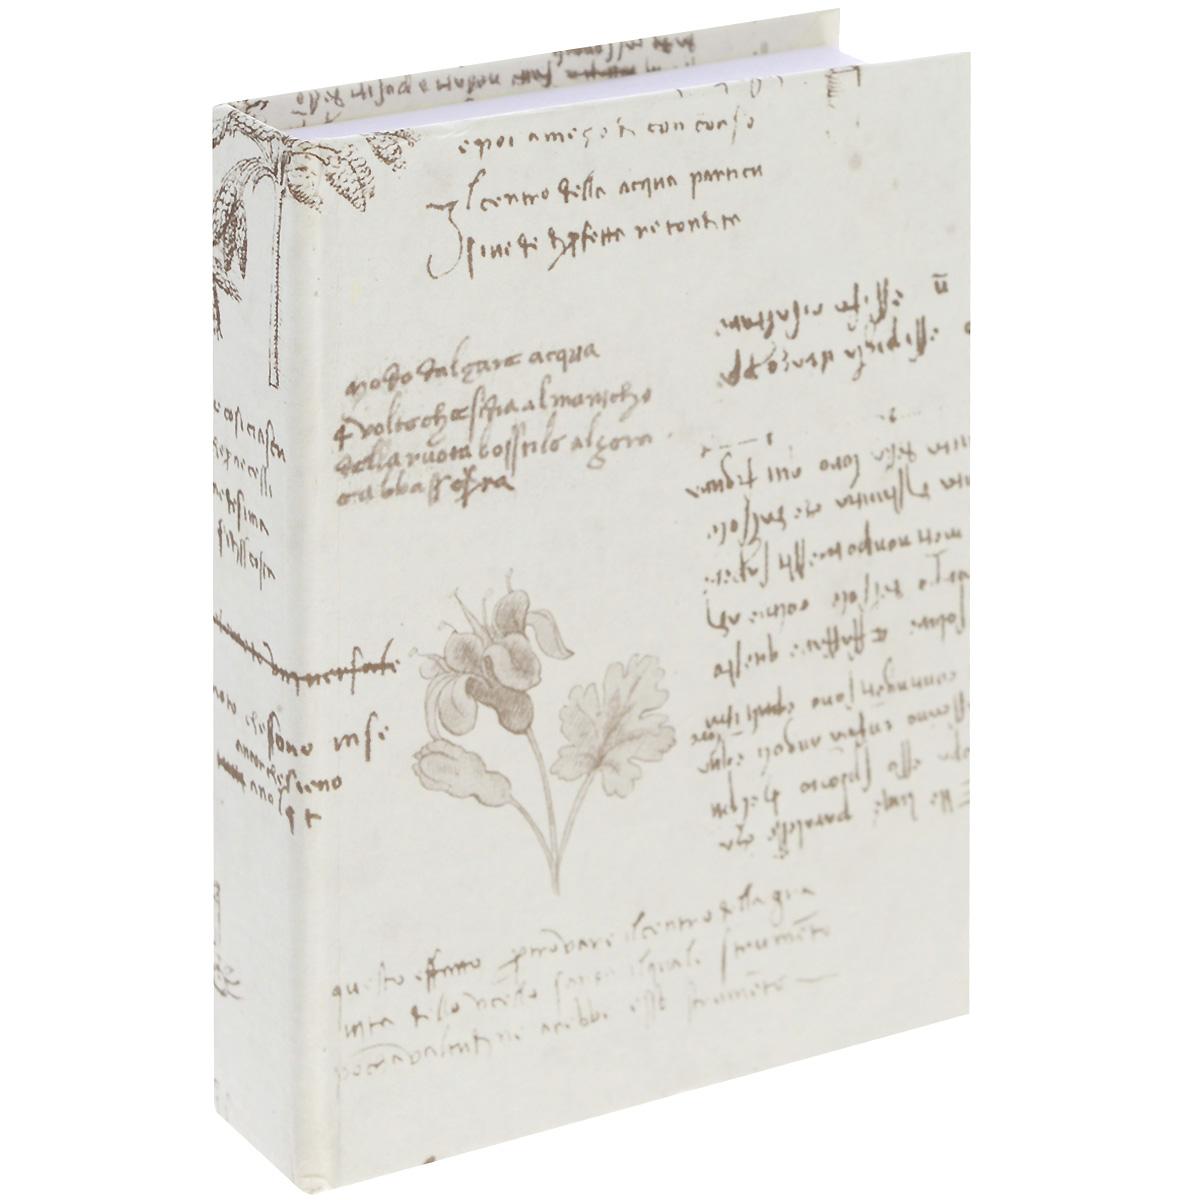 Блокнот Власта Артбук. Леонардо, 7,5 х 10 см, 150 листов12-12/ГПБлокнот Власта Артбук. Леонардо с отрывными листами предназначен для набросков и записей. Жесткая картонная обложка украшена рукописями и различными зарисовками. Блок содержит 150 белых листов без разметок размера 7,5 х 10 см с логотипом Artbook. Такой блокнот удобен тем, что может легко умещаться в дамской сумочке и в барсетке. Жесткая (книжная) обложка предохраняет листы от порчи и замятия. Общий размер блокнота: 8 х 10,5 см. Количество листов: 150. Размер листов: 7,5 х 10 см.